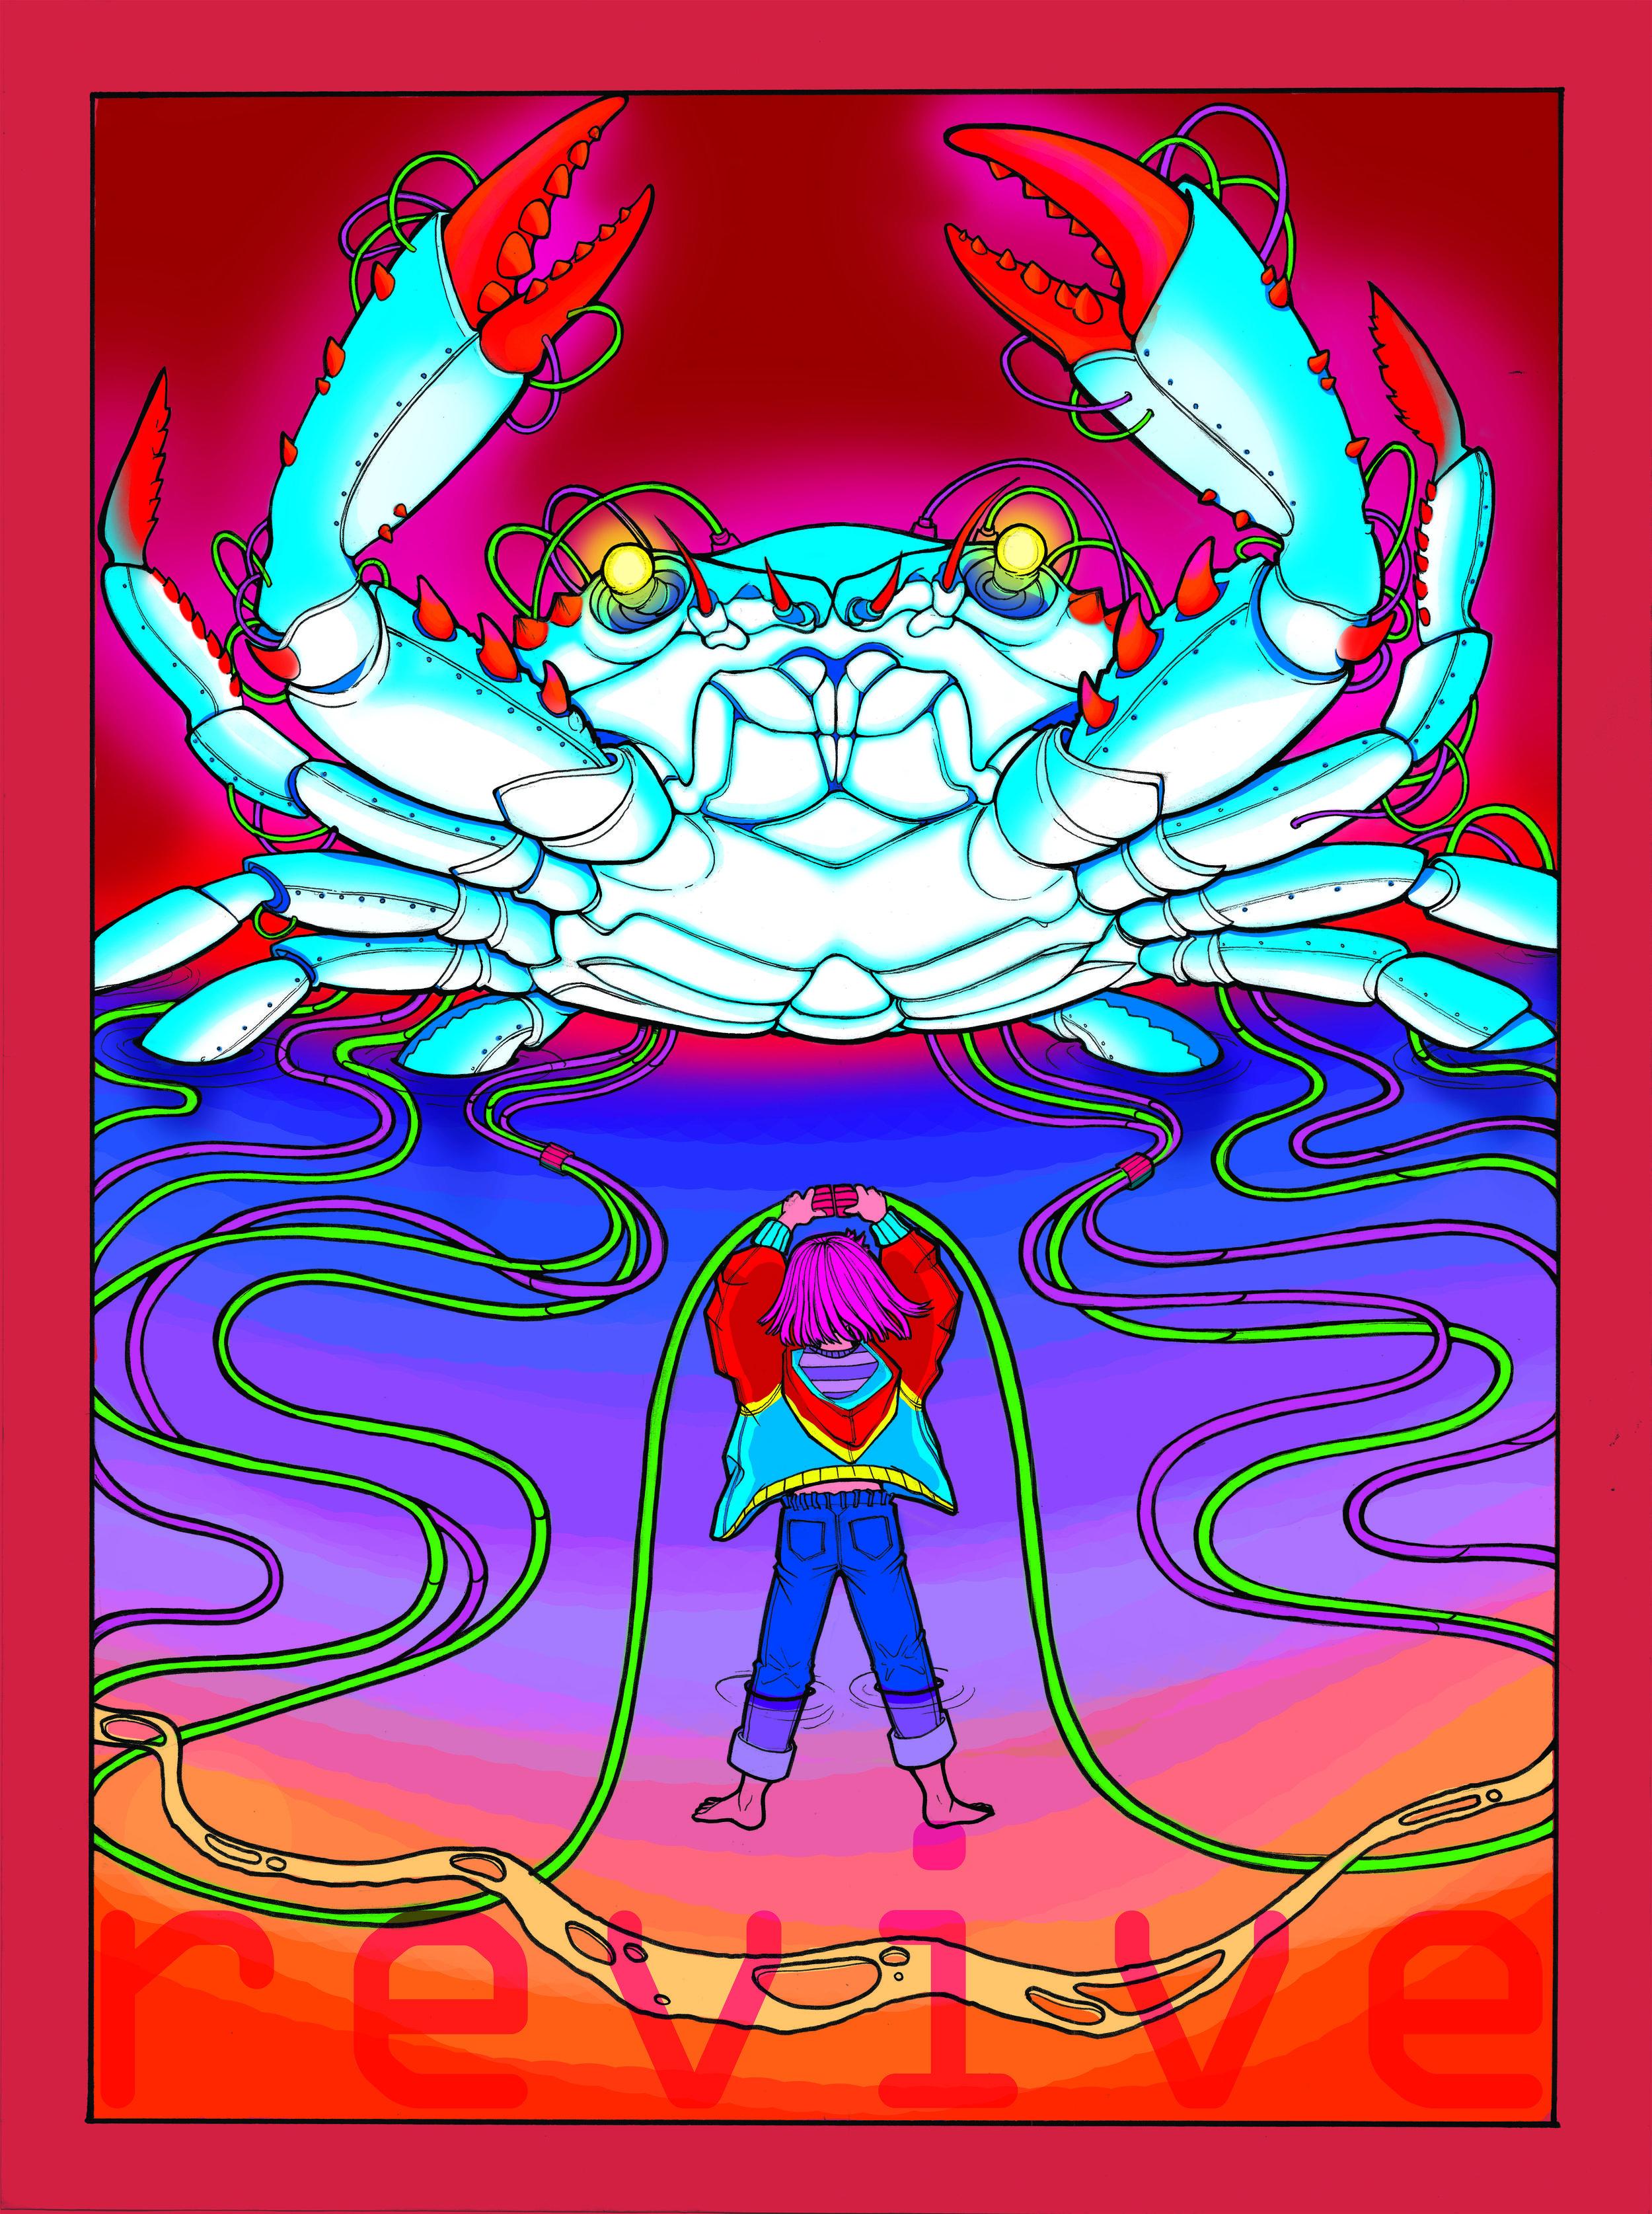 crabsmall9x12.jpg